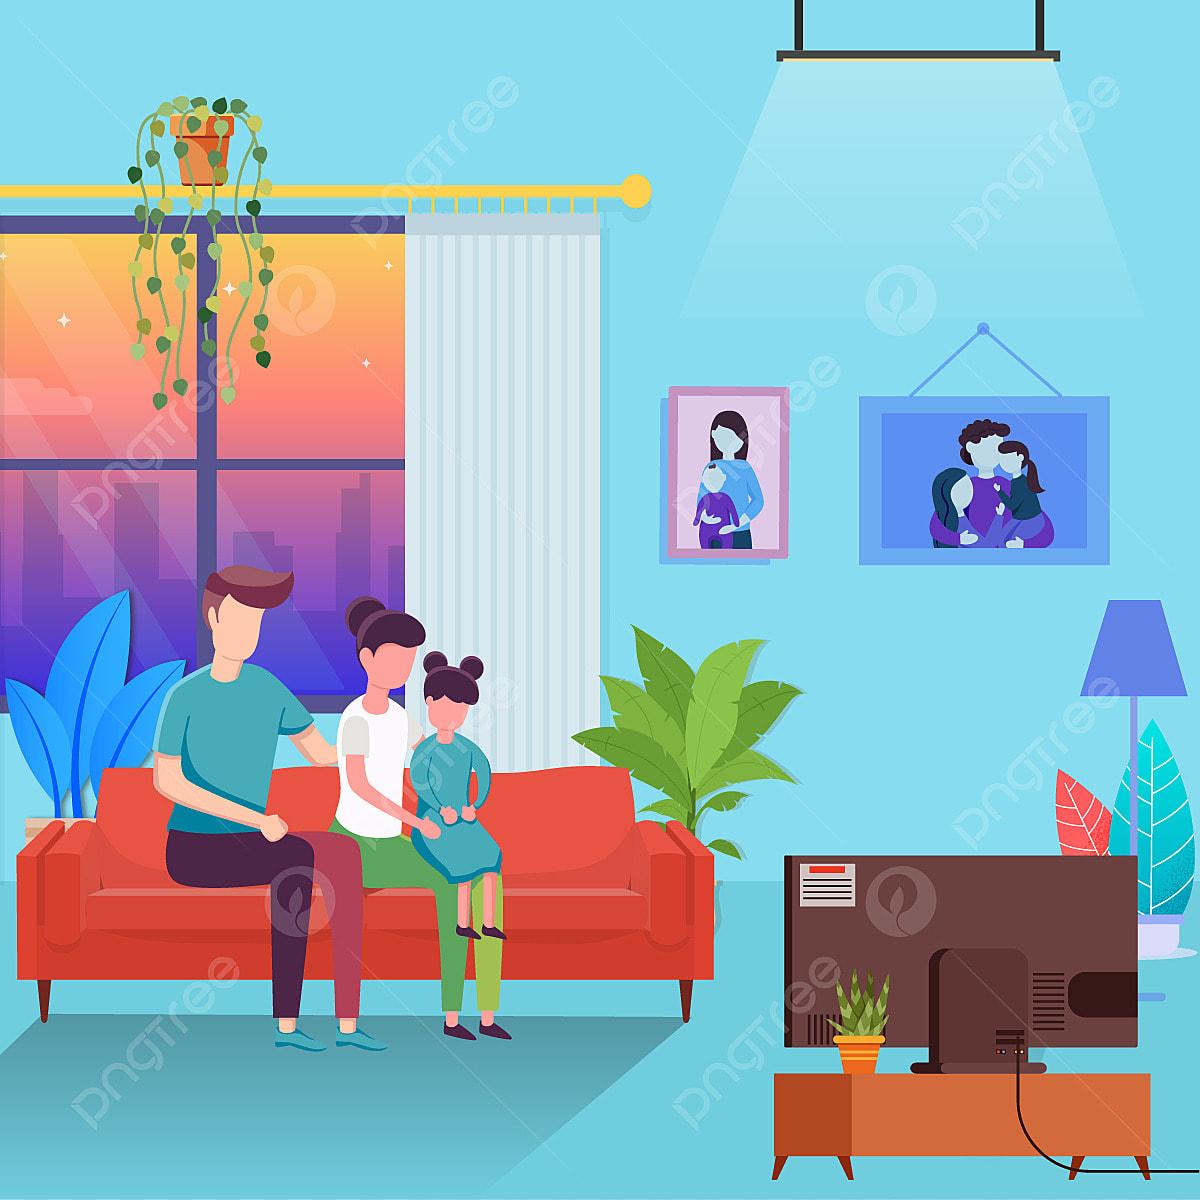 Orang Tua Menghabiskan Waktu Bersama Anak Anak Menonton Televisi Di Rumah Ilustrasi Vektor Keluarga Kartun Karakter Kartun Png Dan Vektor Dengan Latar Belakang Transparan Untuk Unduh Gratis